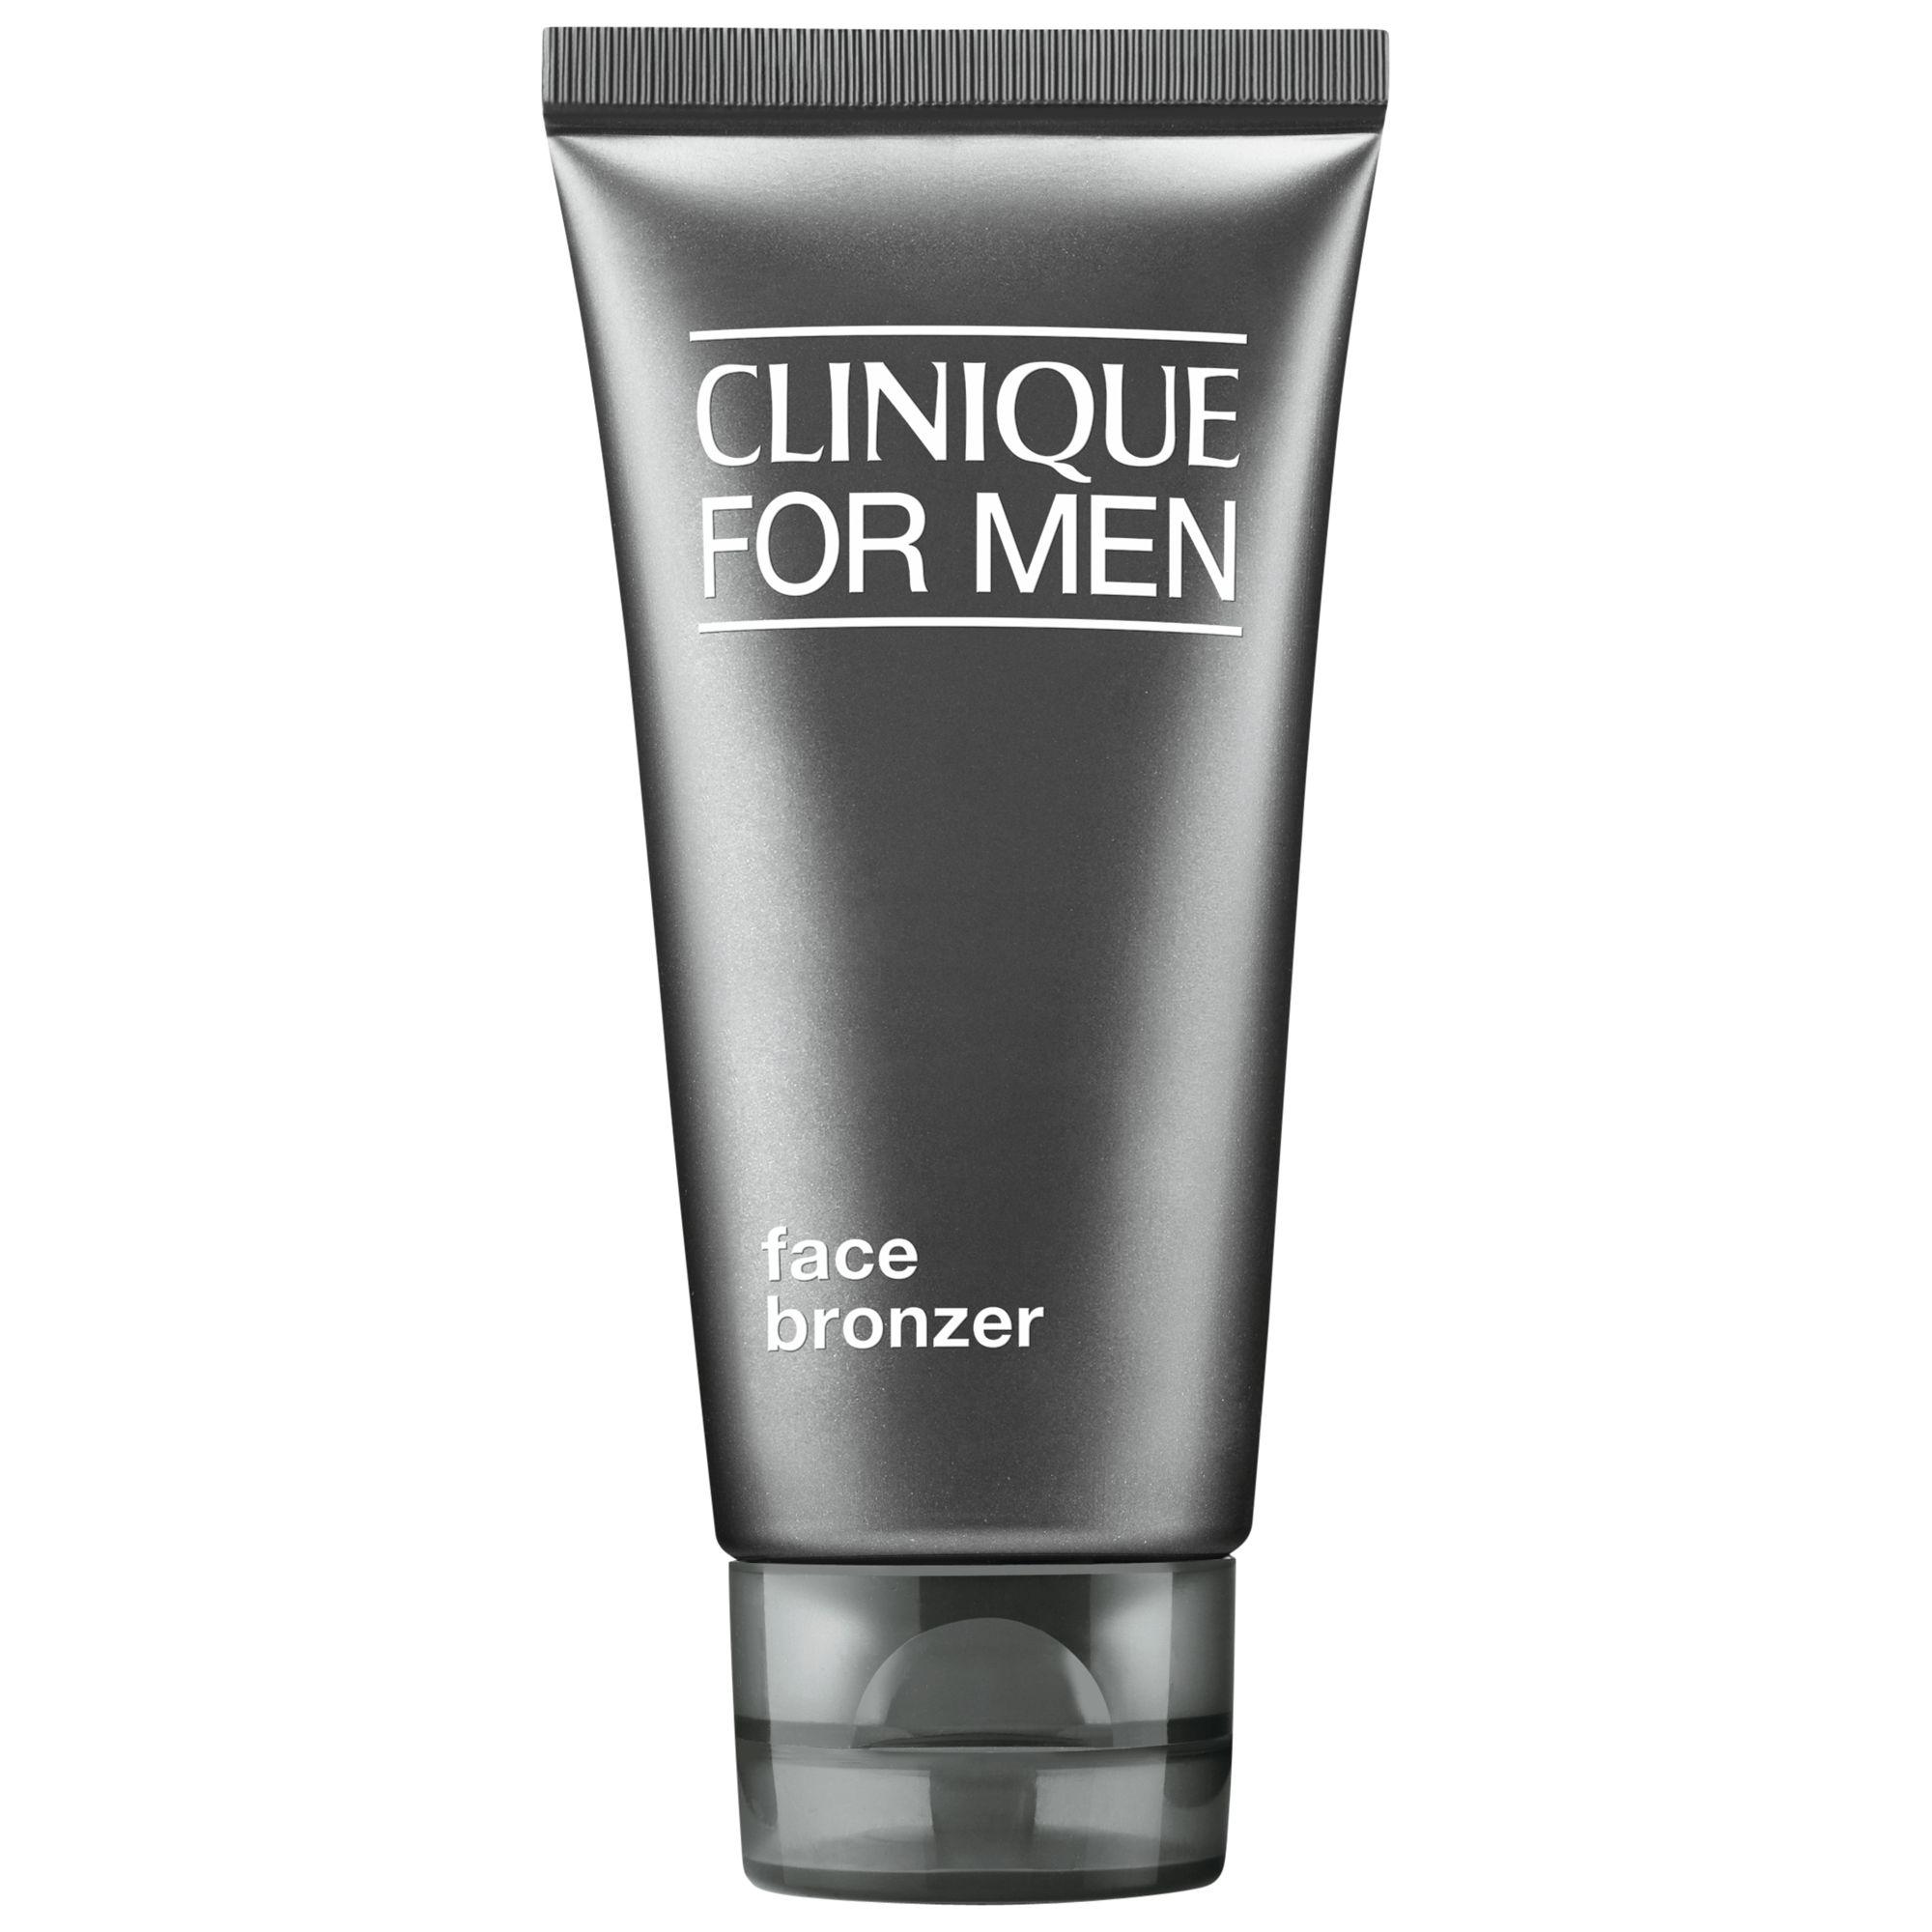 Clinique Clinique For Men Face Bronzer, 60ml